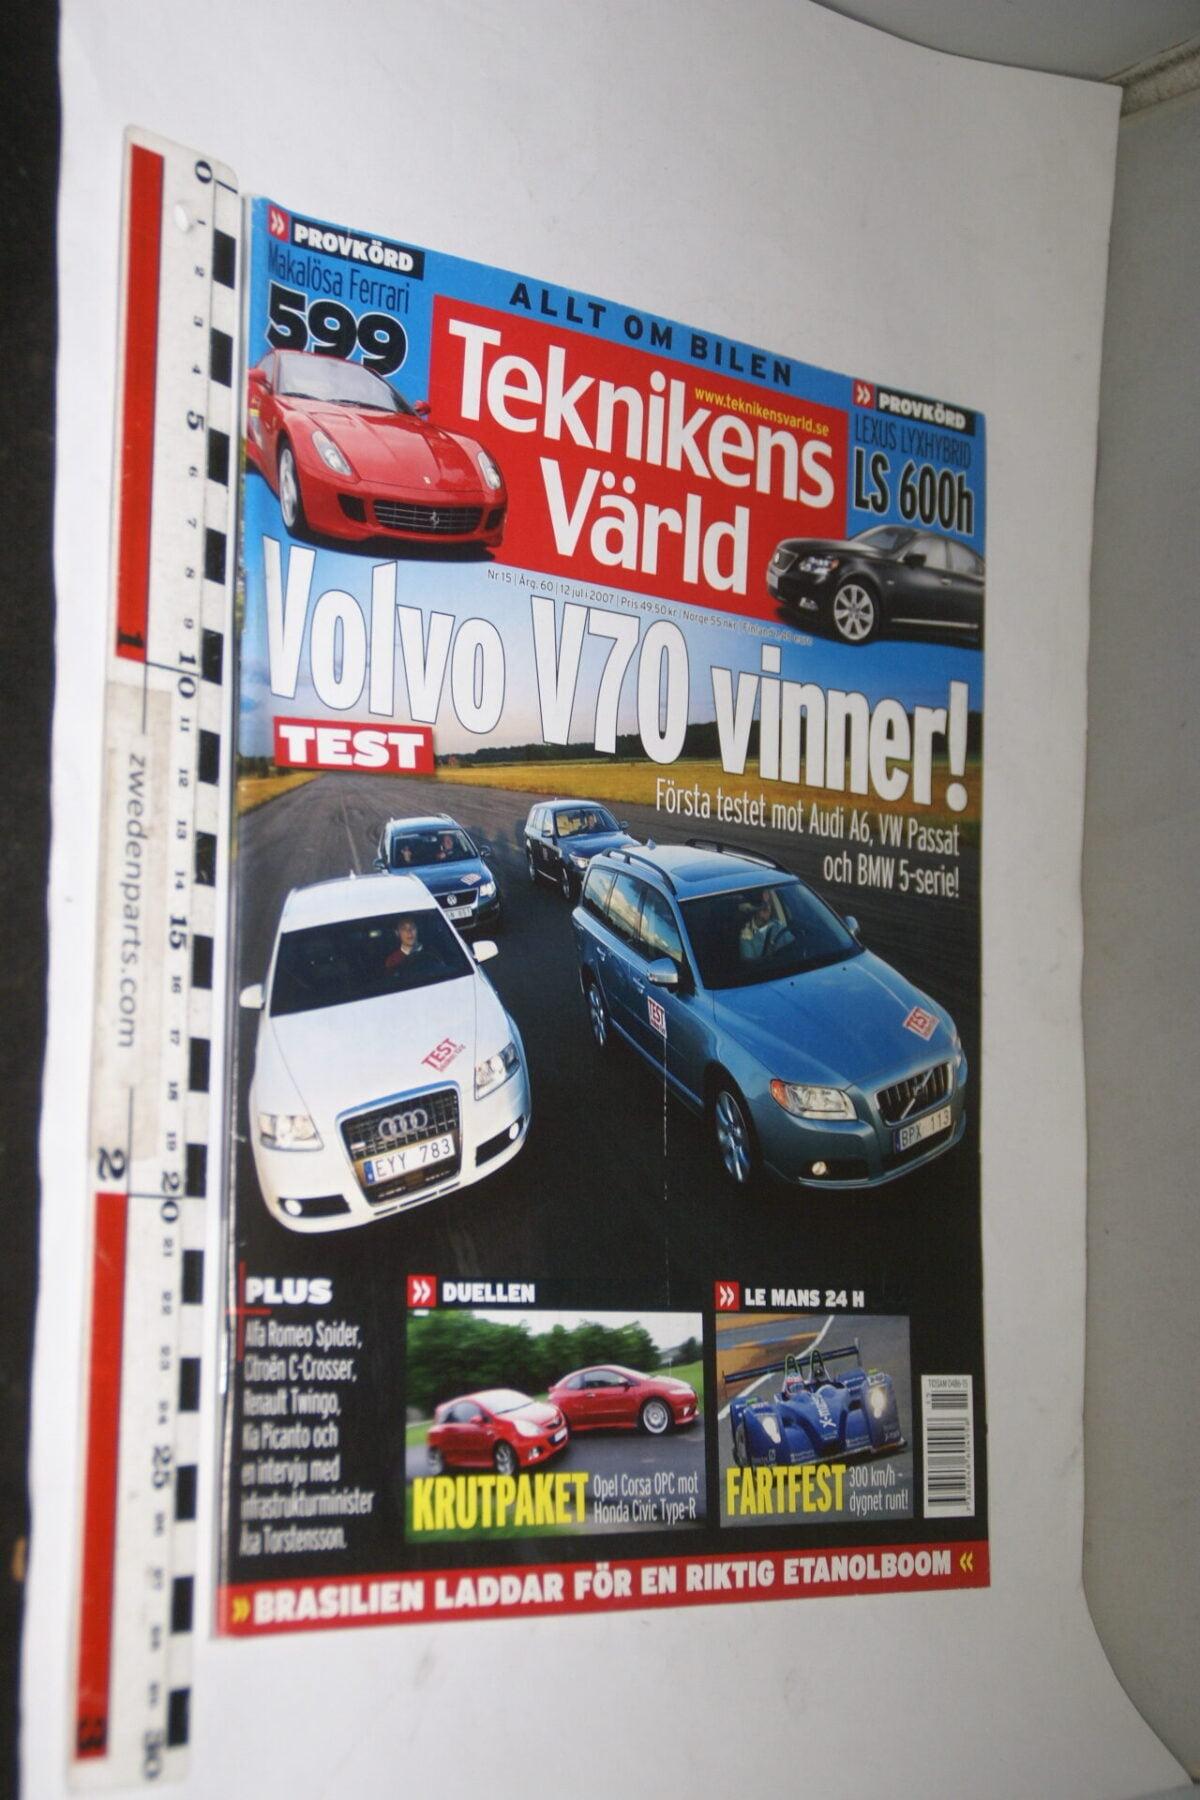 DSC08096 tijdschrift Teknikens Värld 12 juli 2007 met Volvo V70, Svenska-6bb301c5